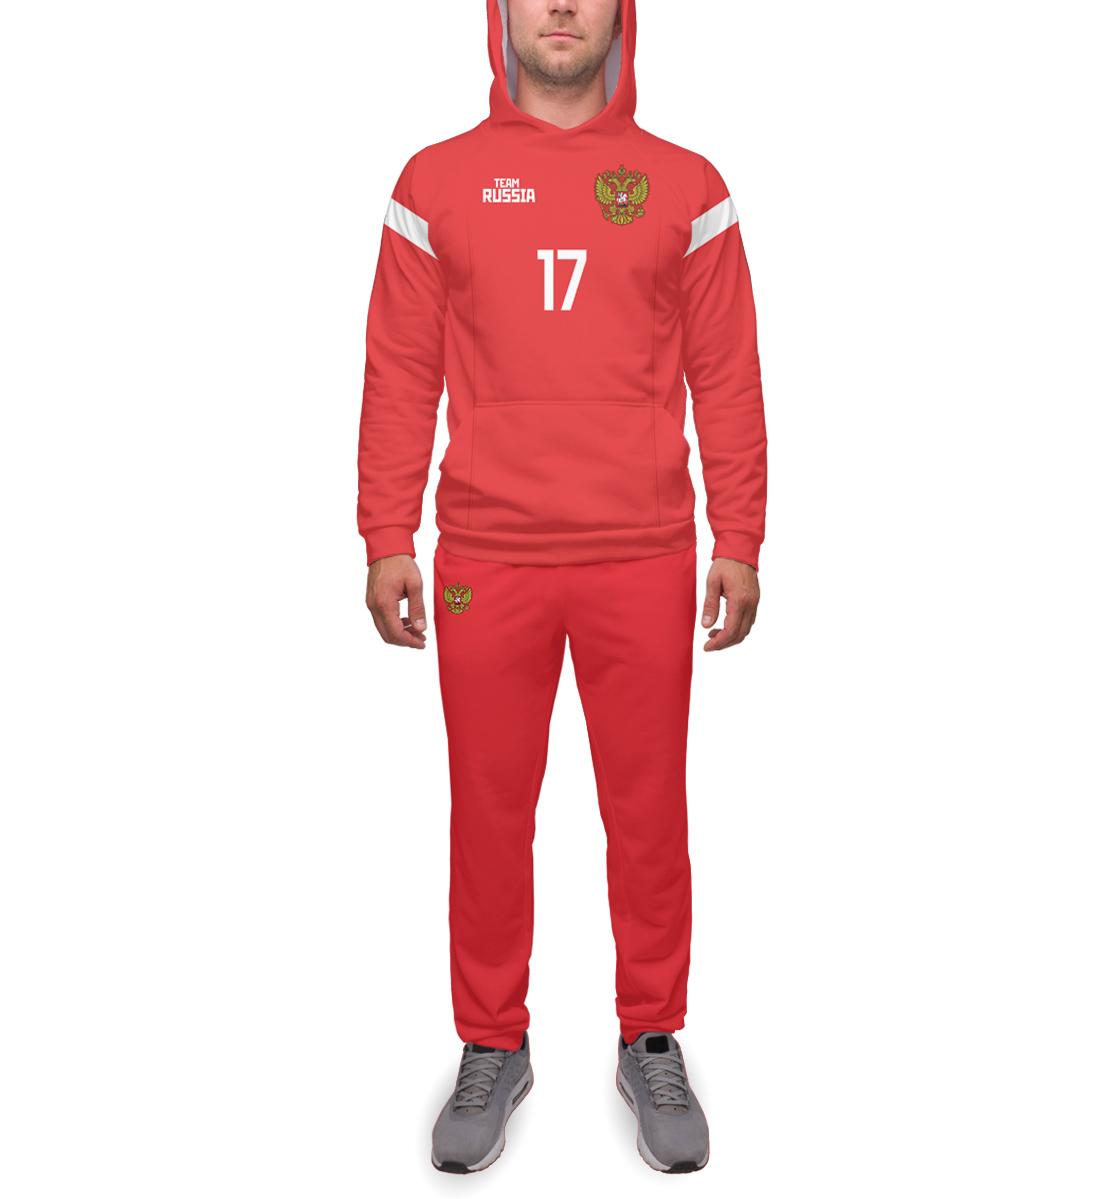 Спортивный костюм Сборная России Головин